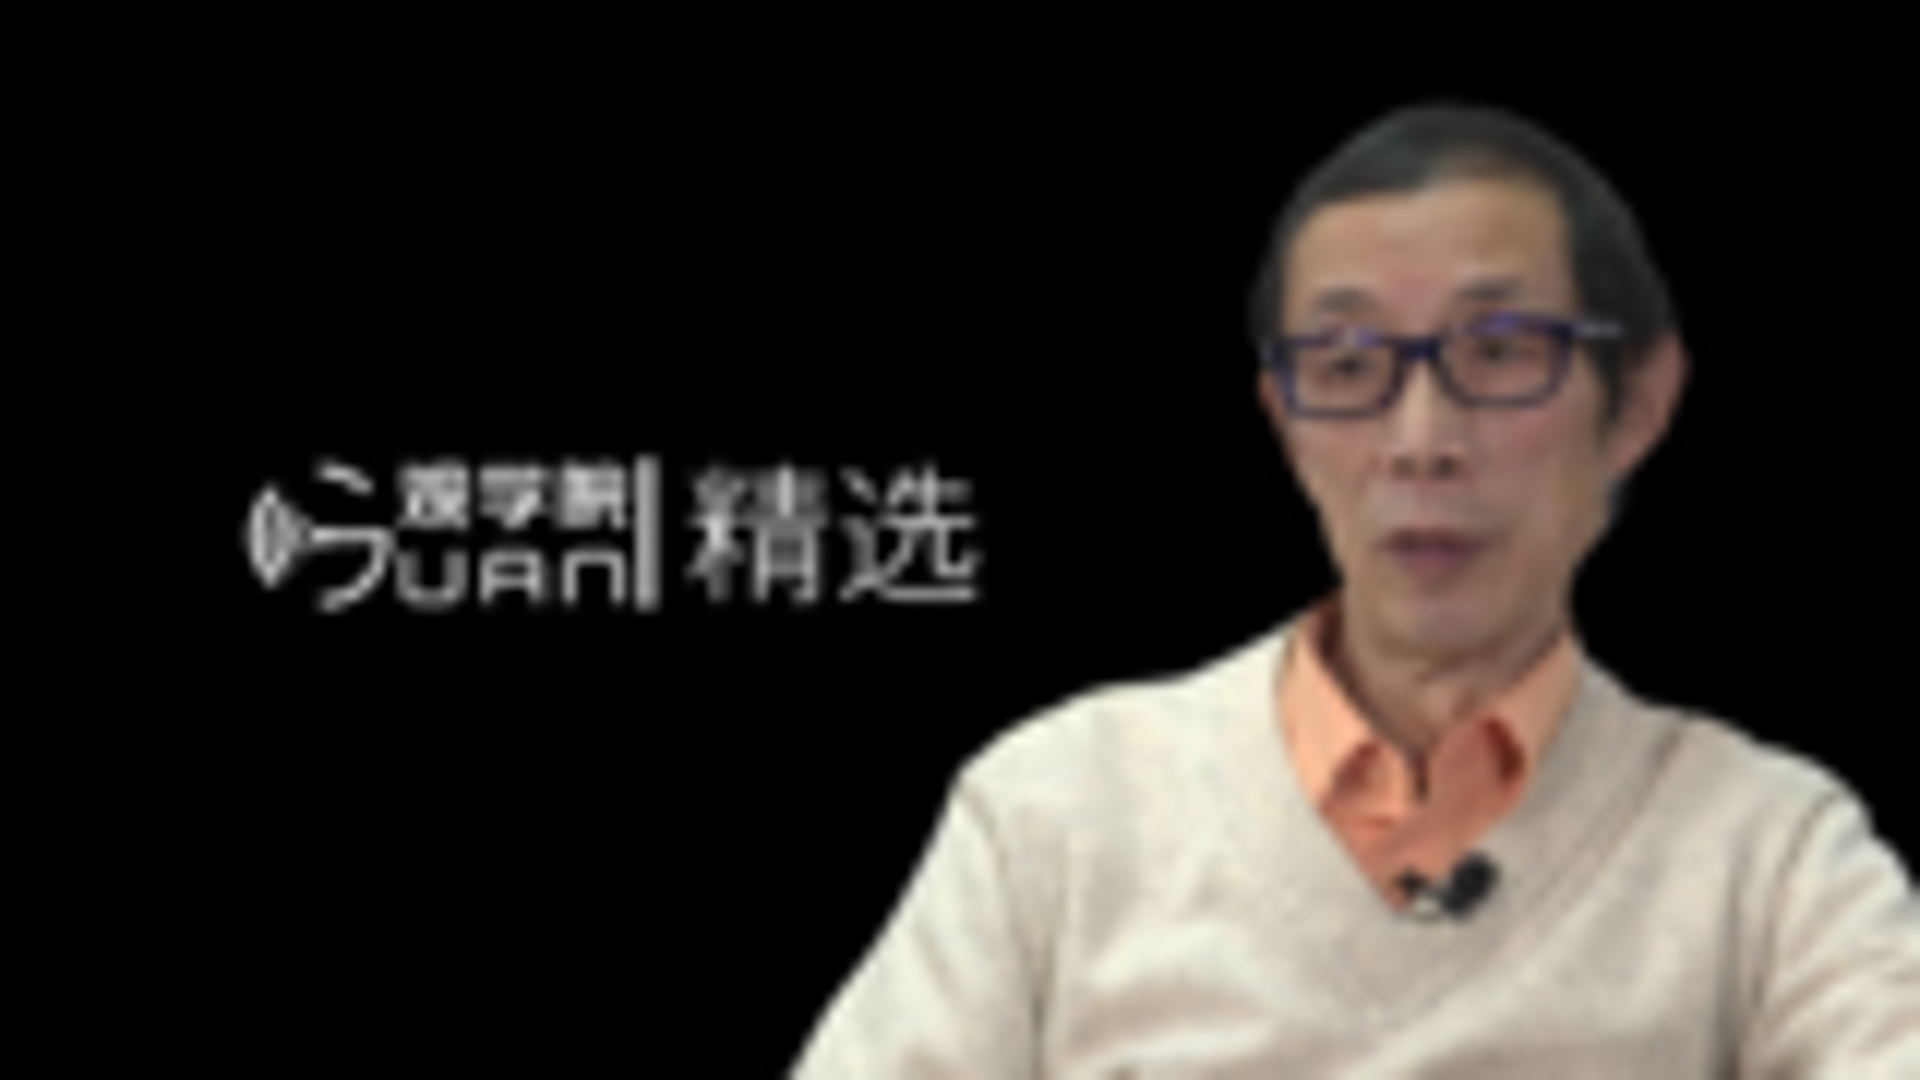 中国人为什么不理解美国对华战略的逻辑?